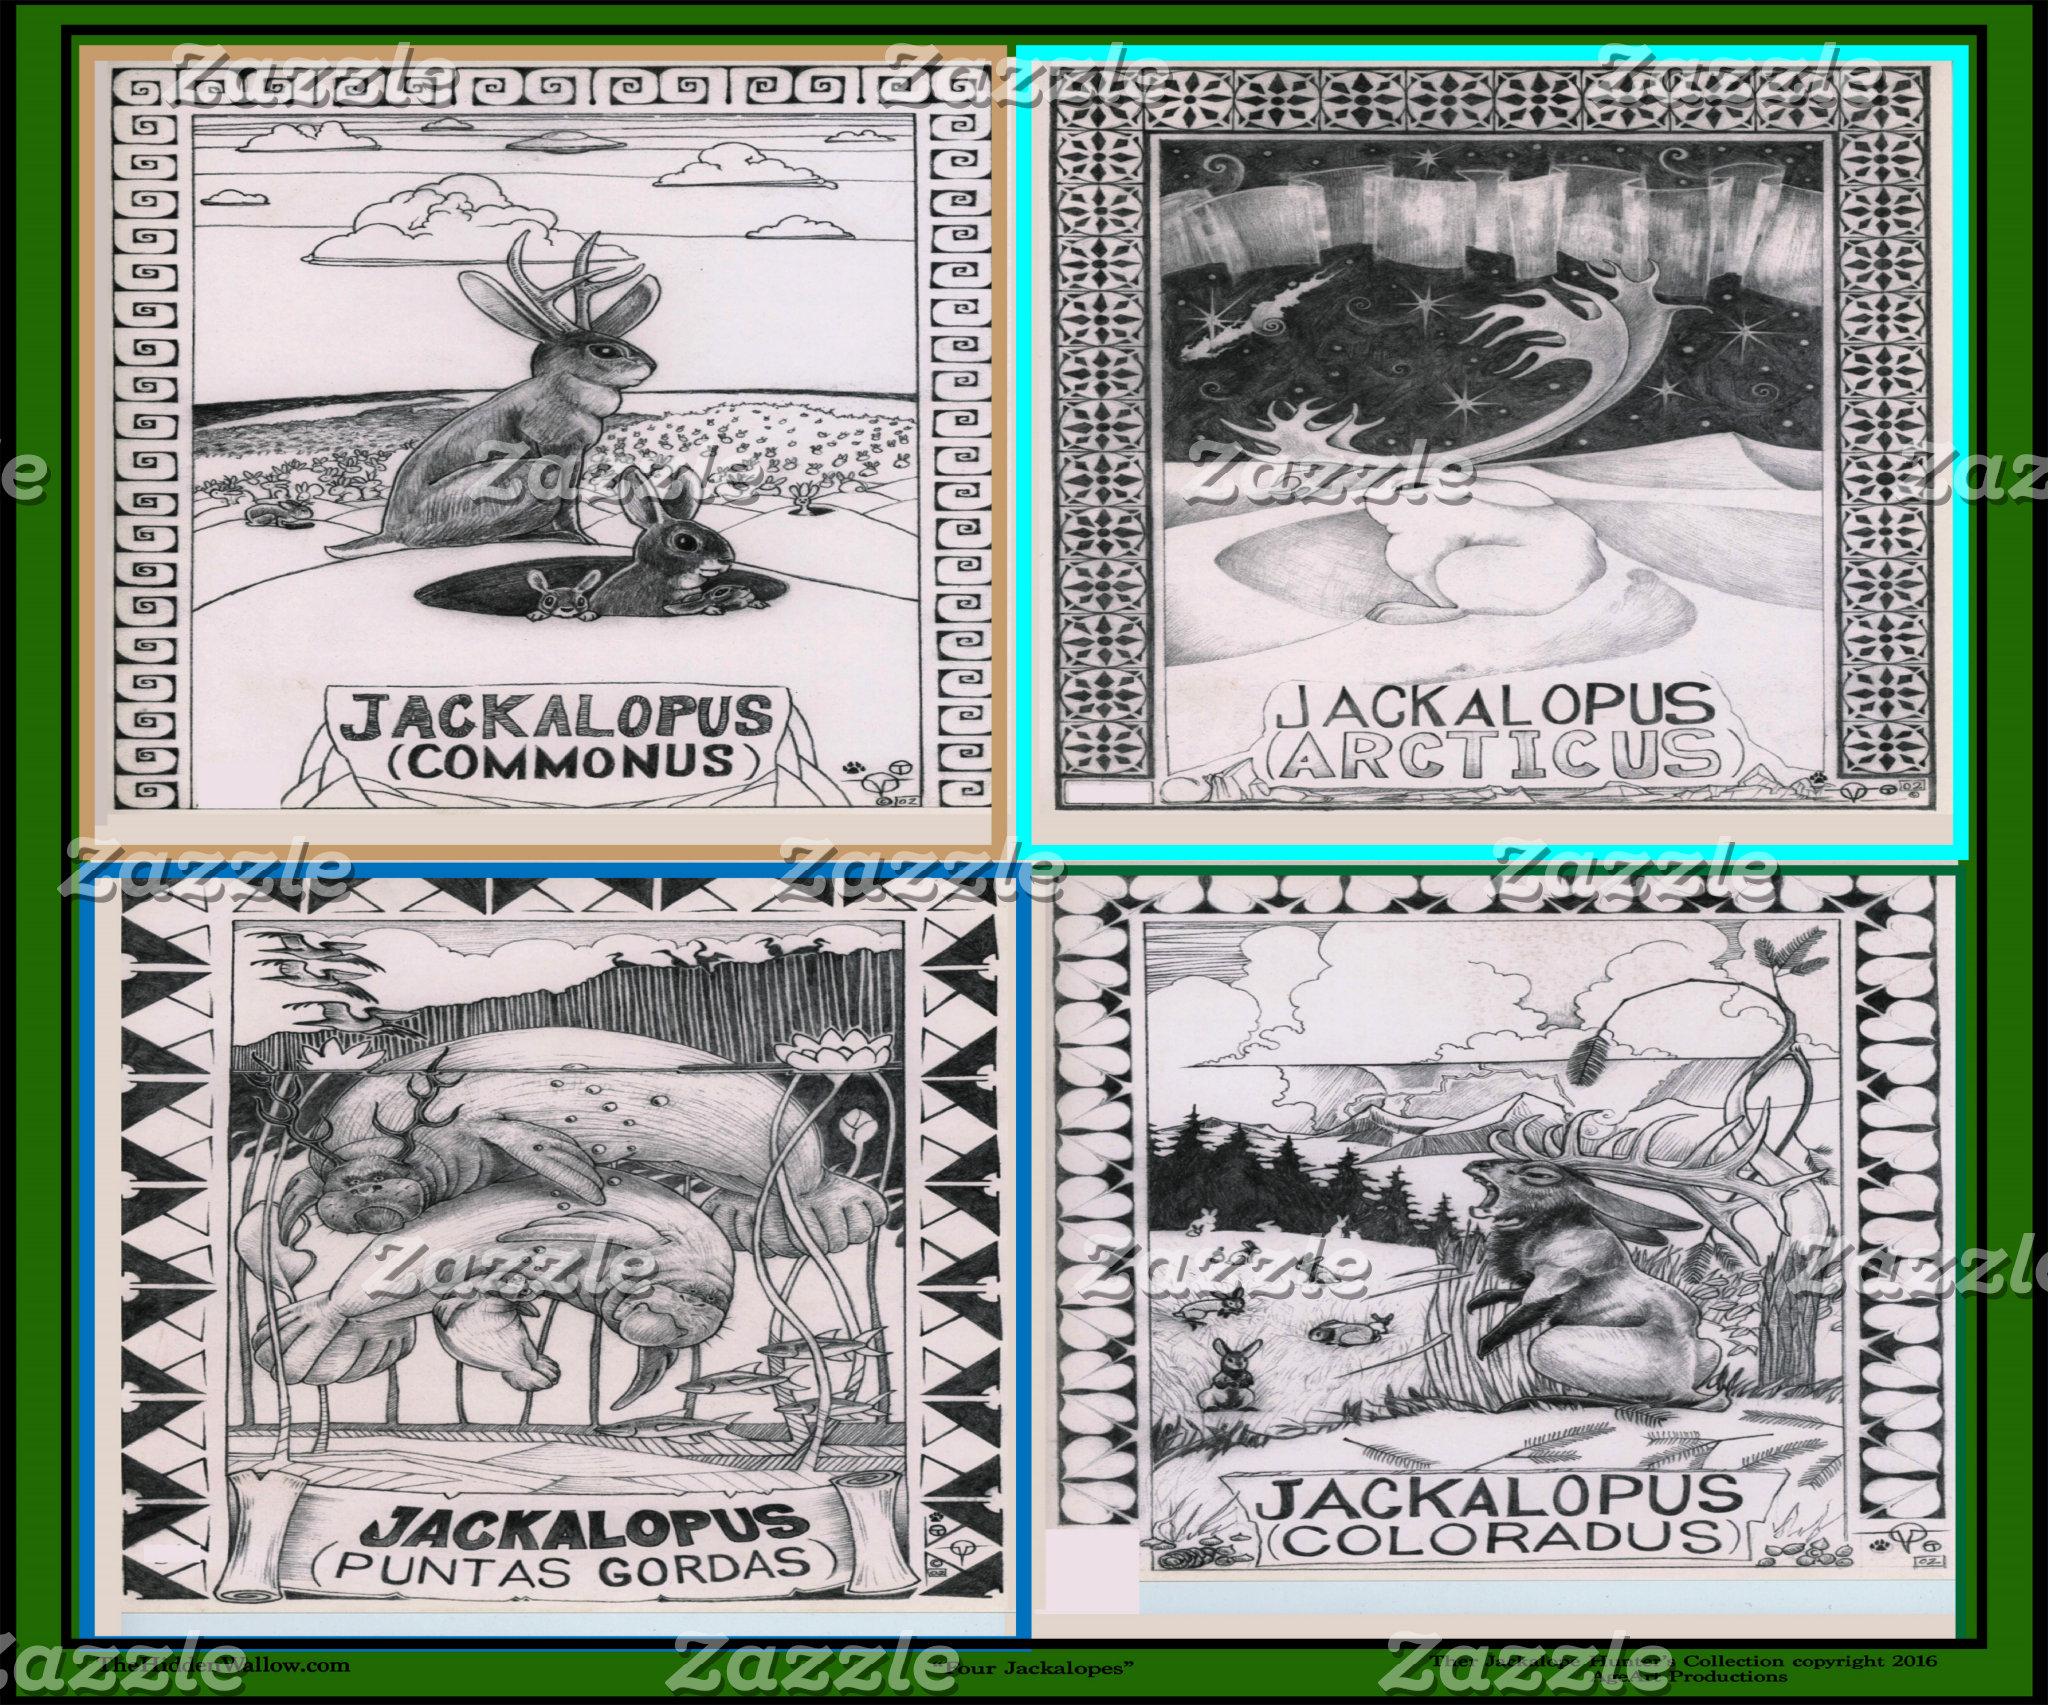 JACKALOPE SERIES - ALL